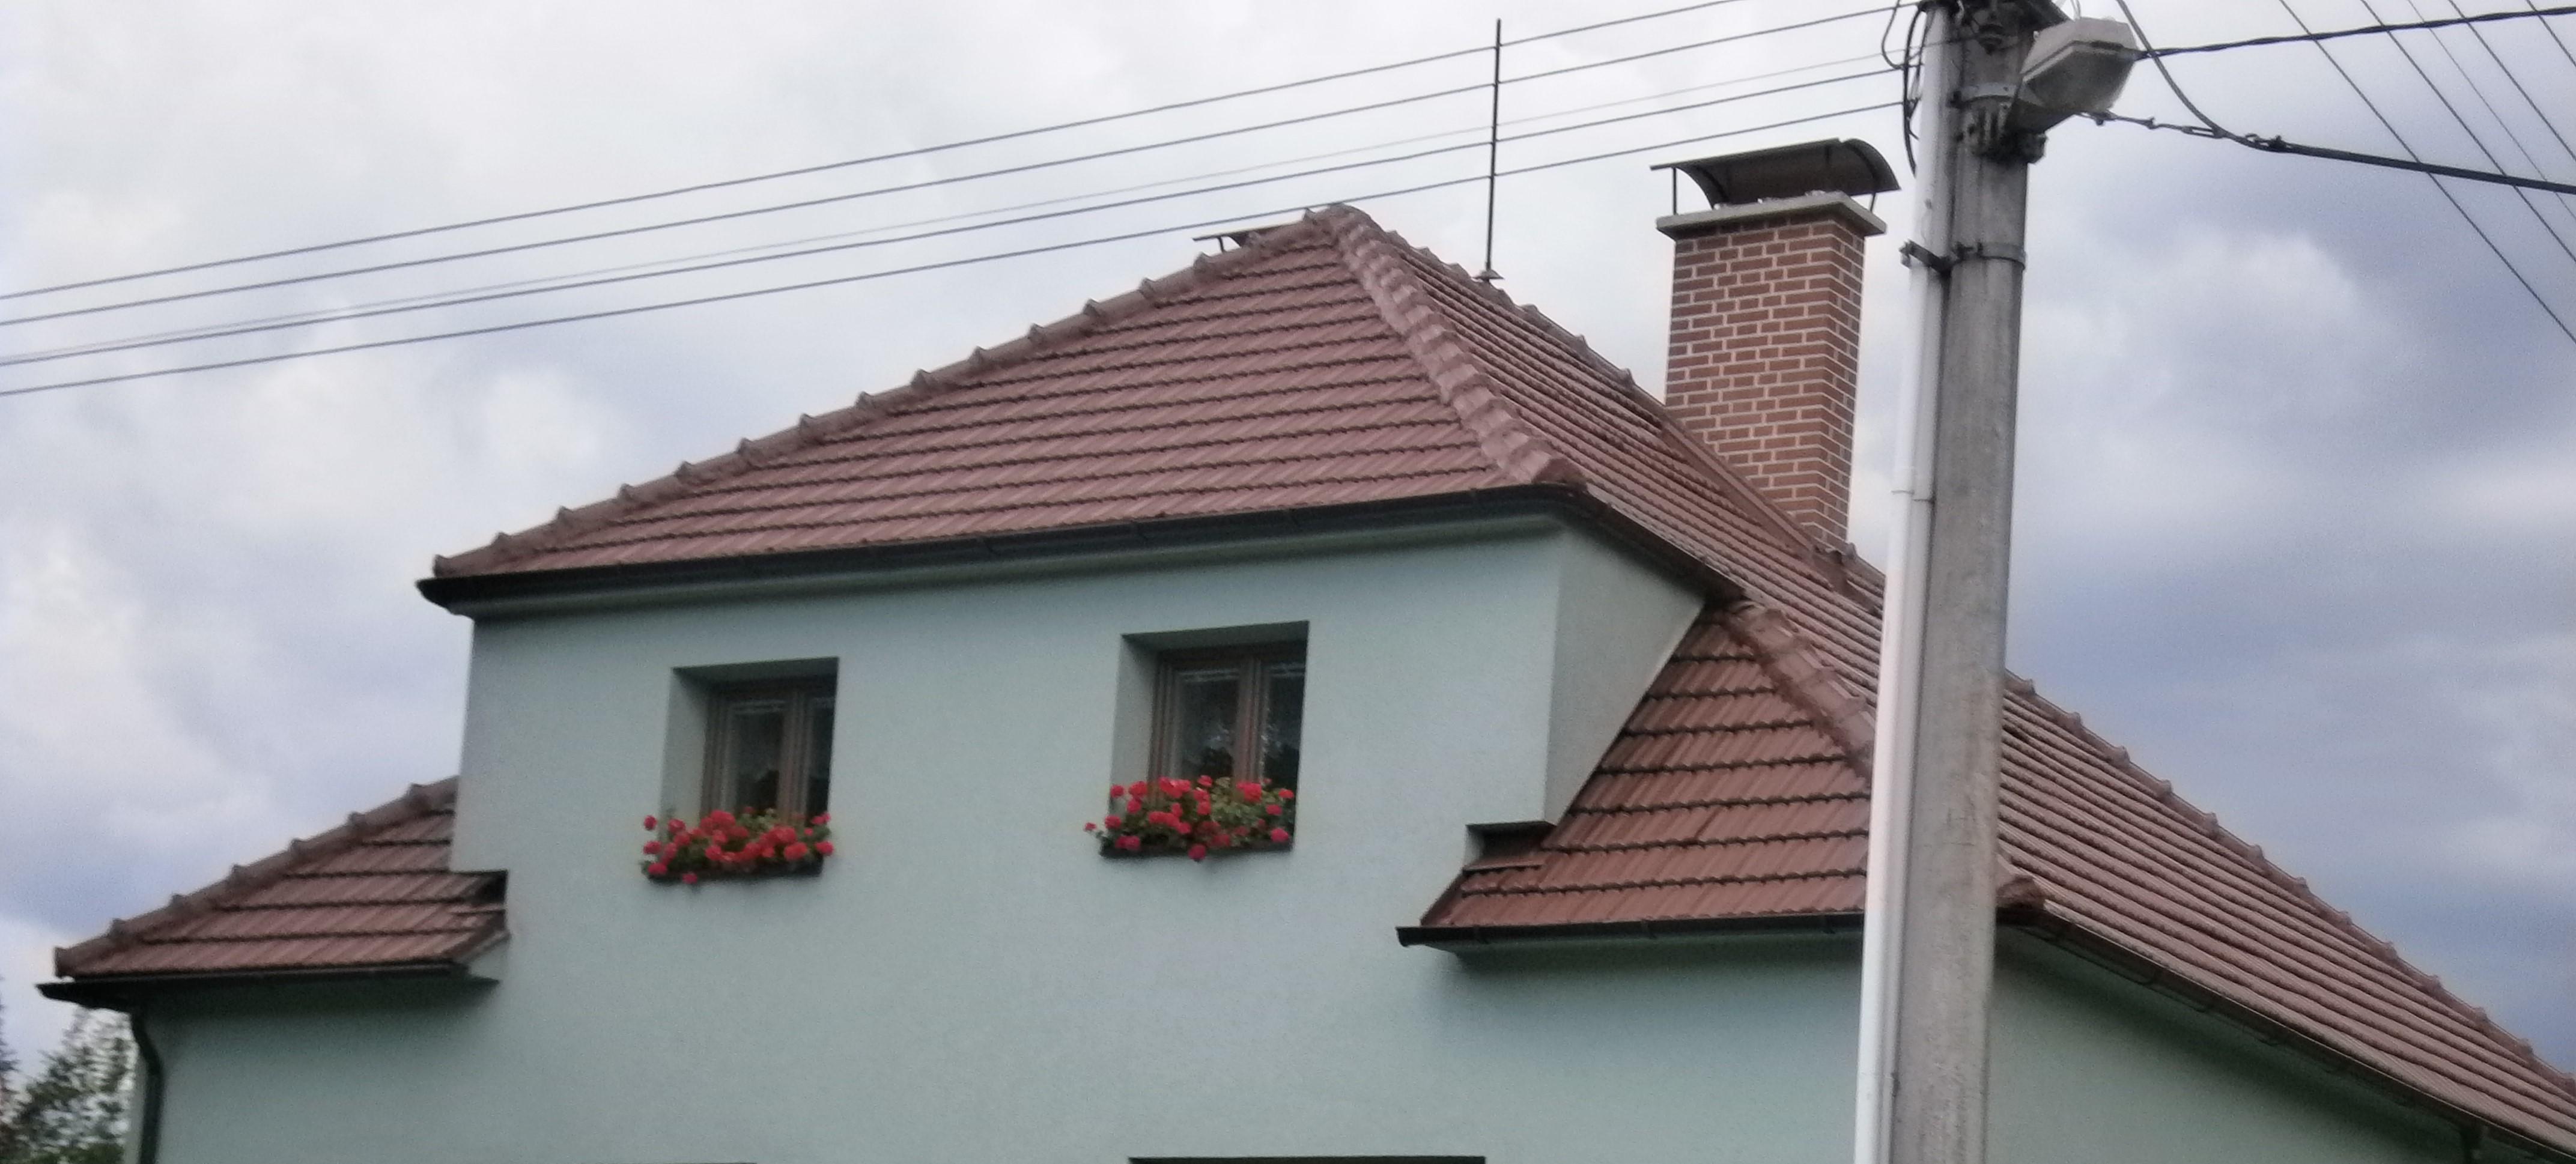 Renovace plechové střešní krytiny.jpg